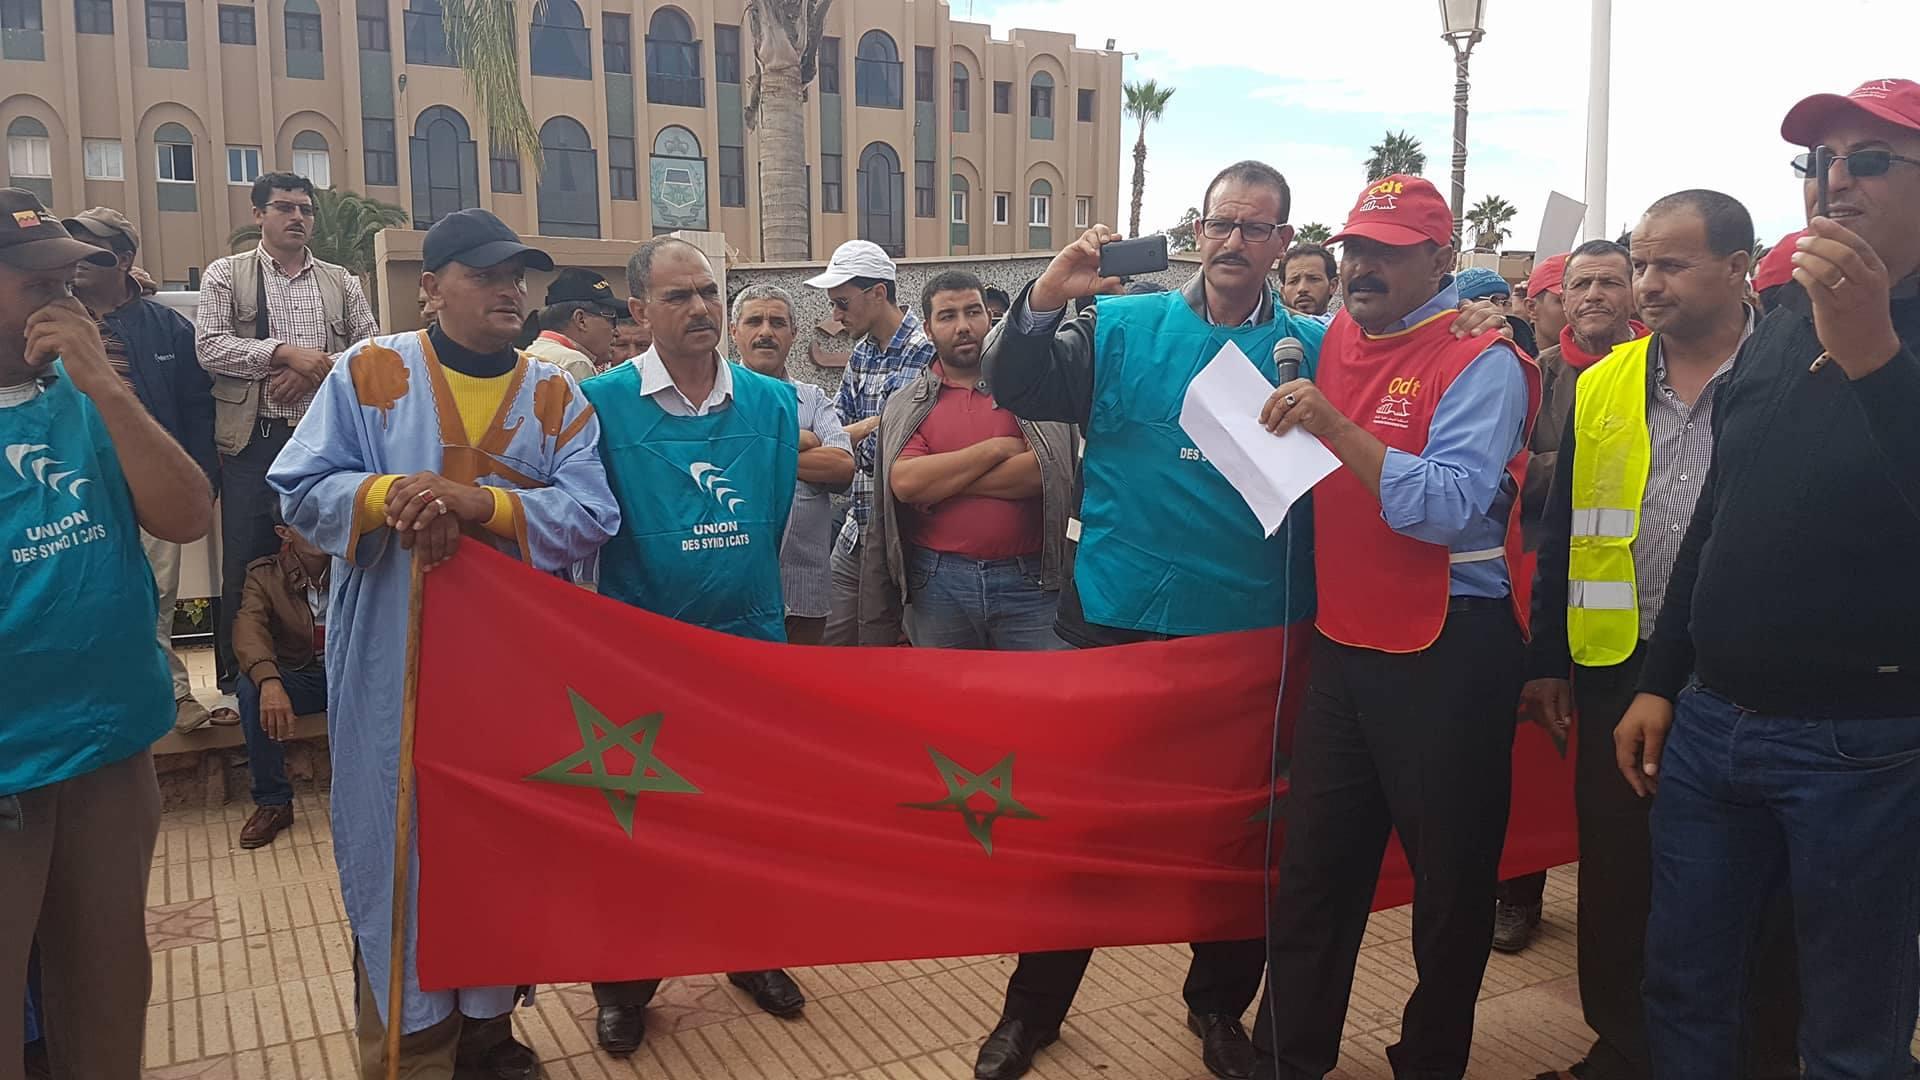 بالفيديو : الوقفة الاحتجاجية لمهنيو النقل أمام عمالة تيزنيت